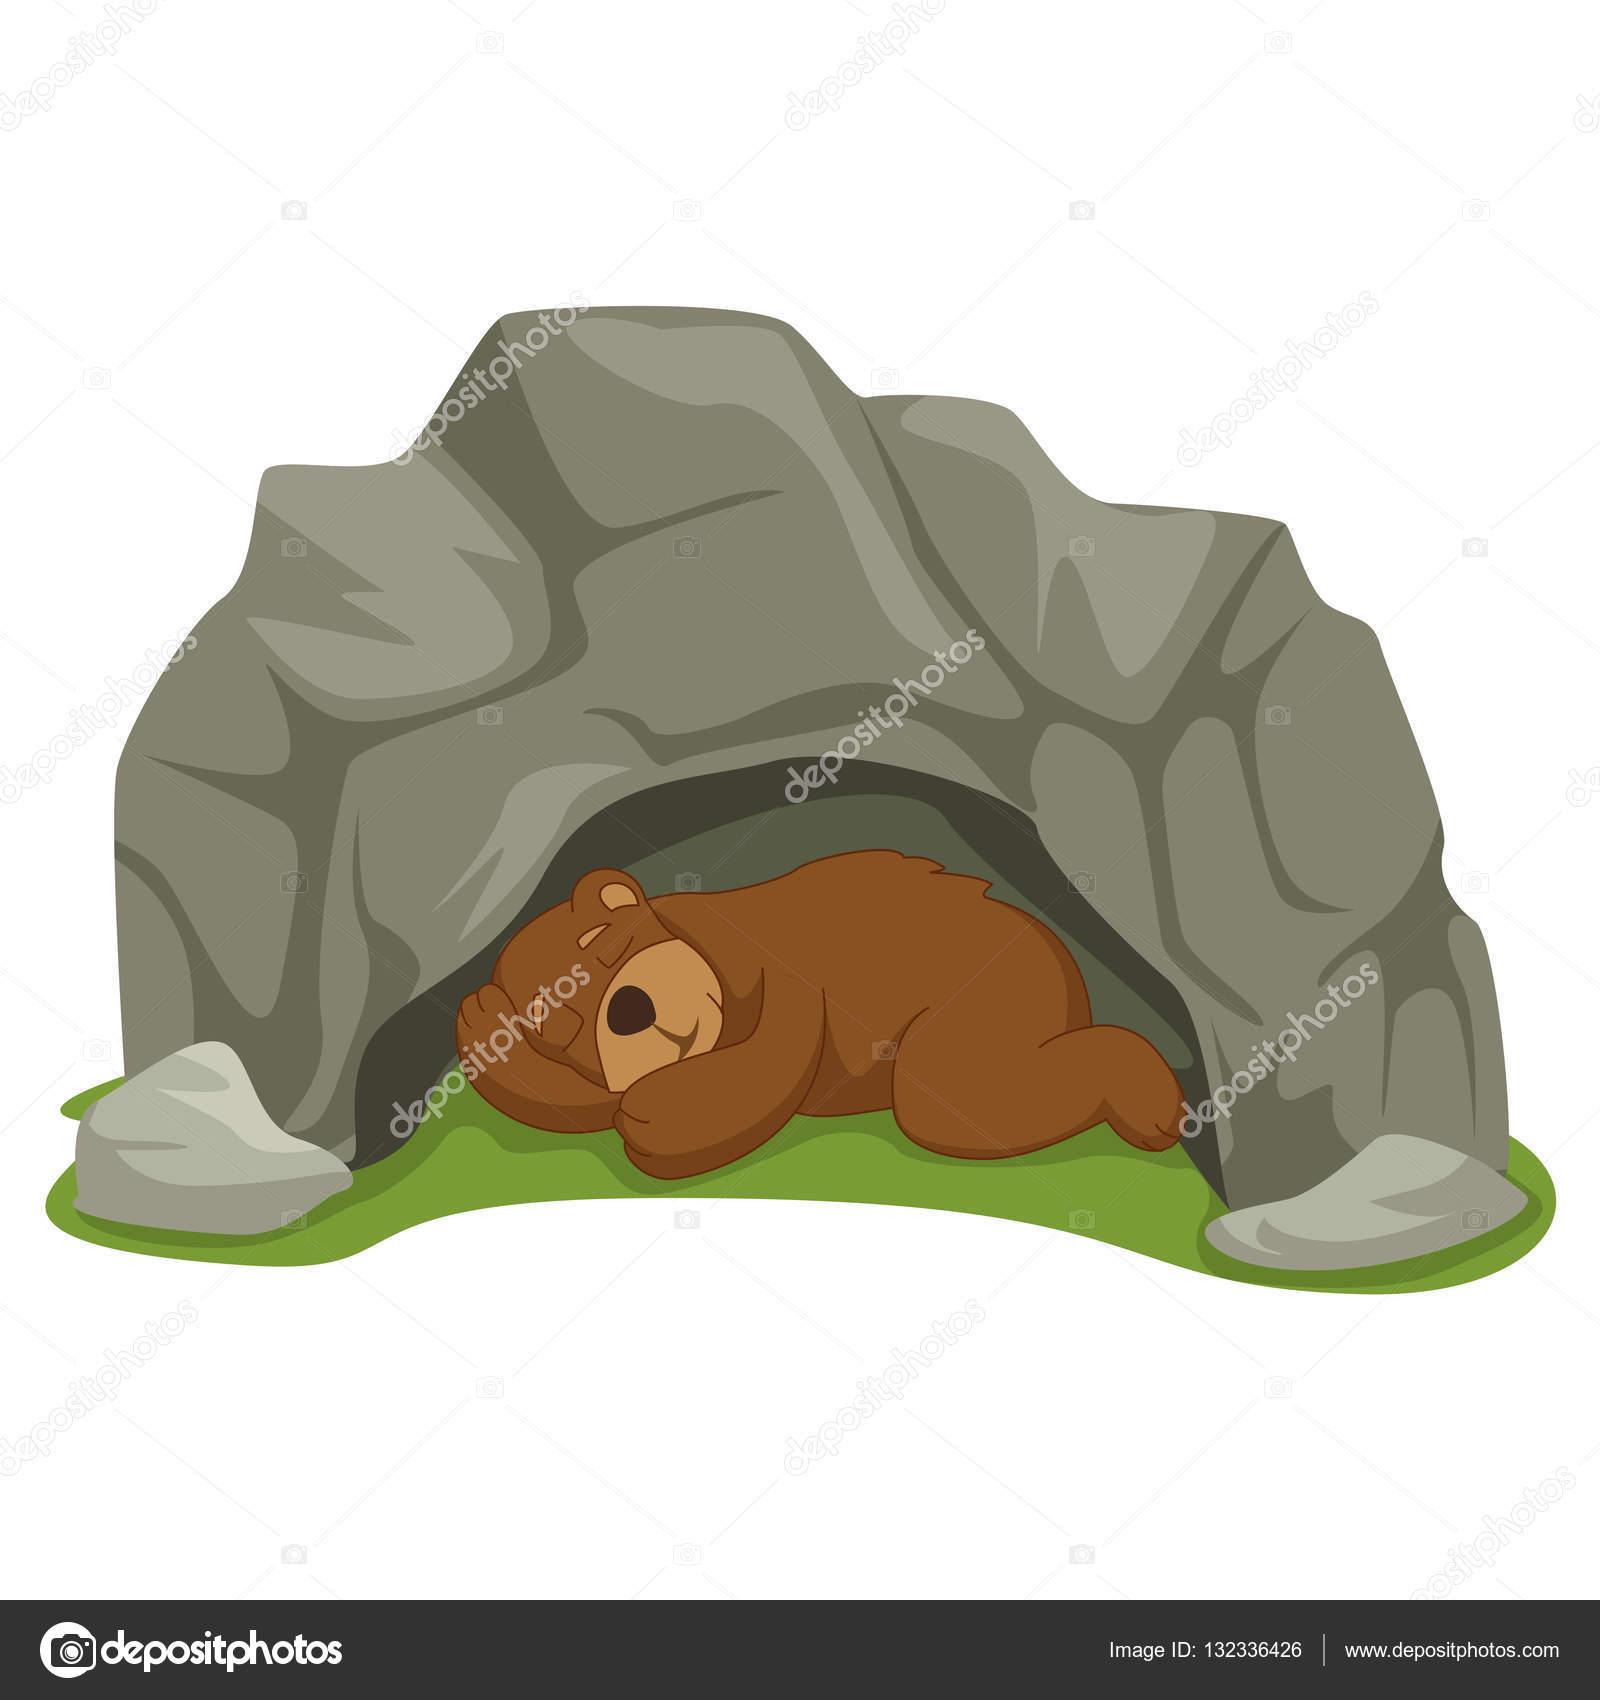 vector ilustraci u00f3n de dibujos animados dormir oso en la cute bear clip art with birds cute bear clipart images in black and white